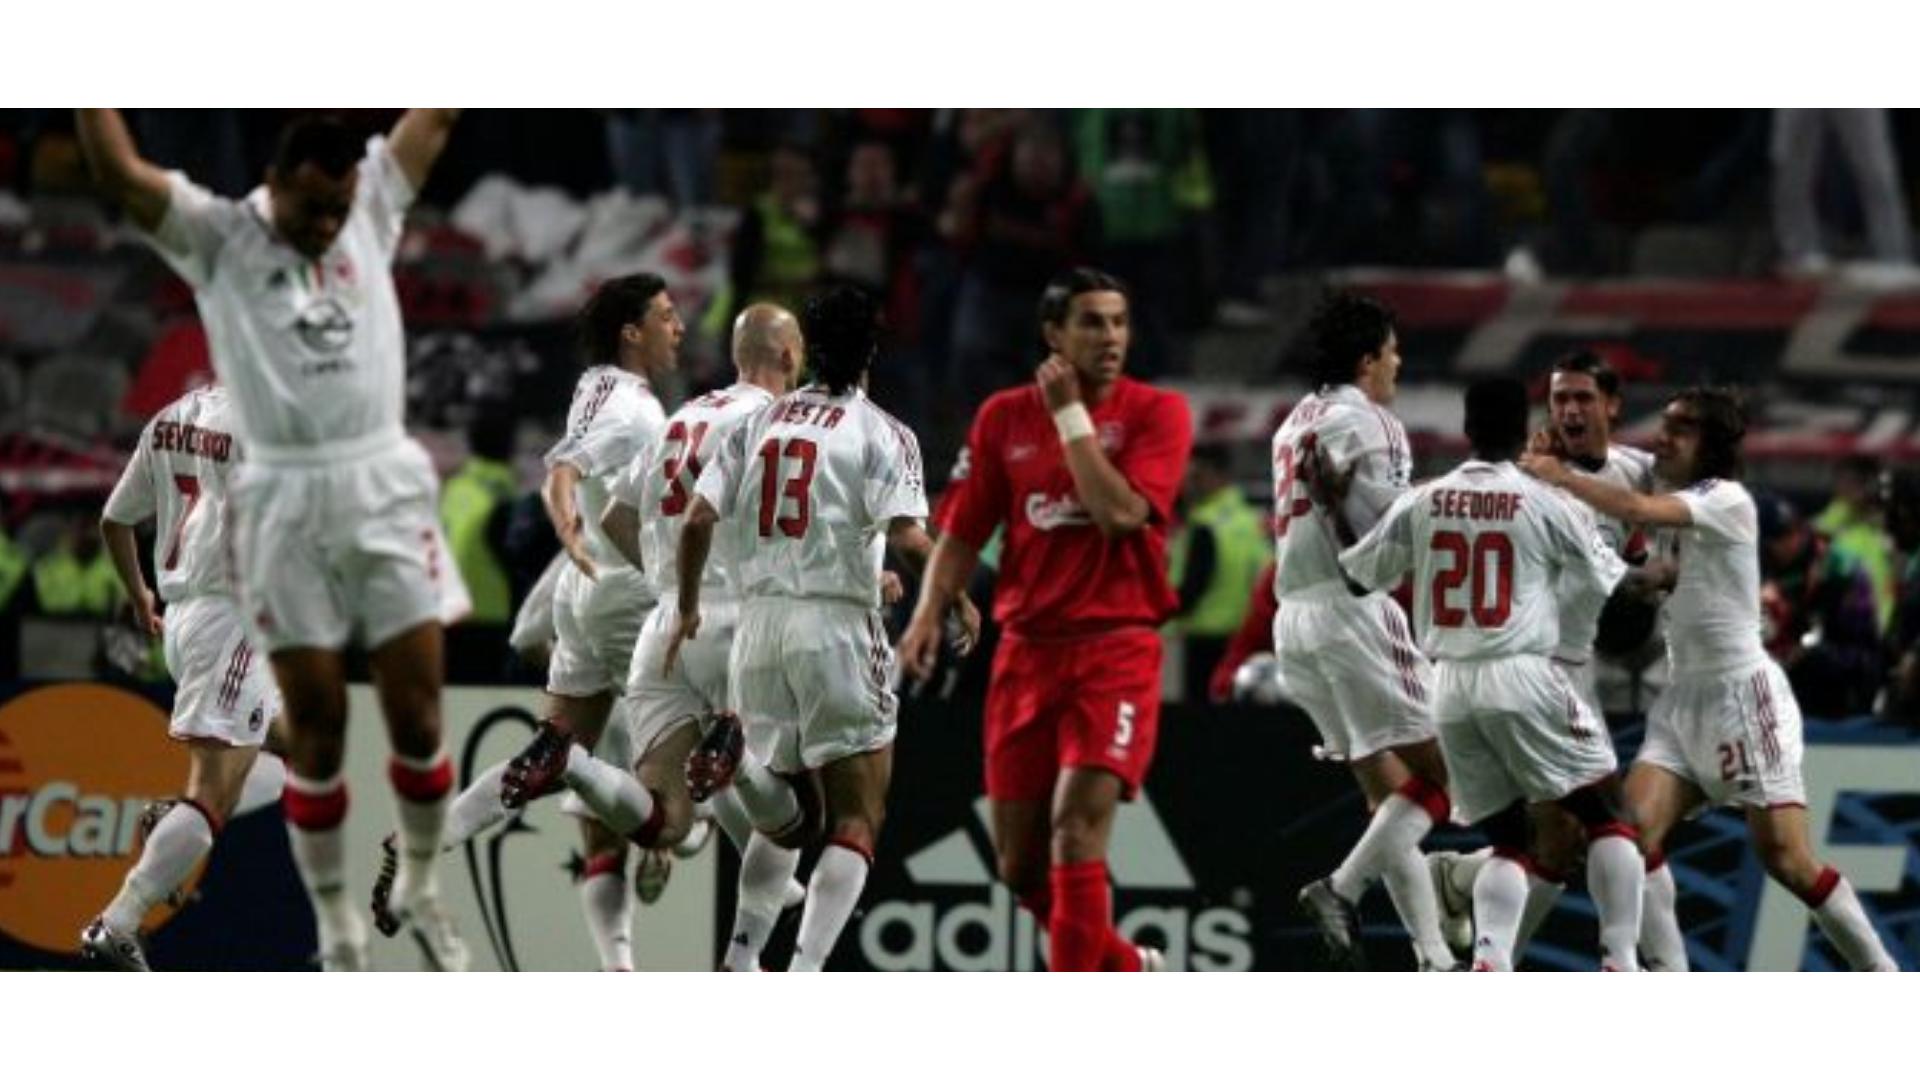 2005 şampiyonlar ligi finali yaşanılan gol sevinci görseli.